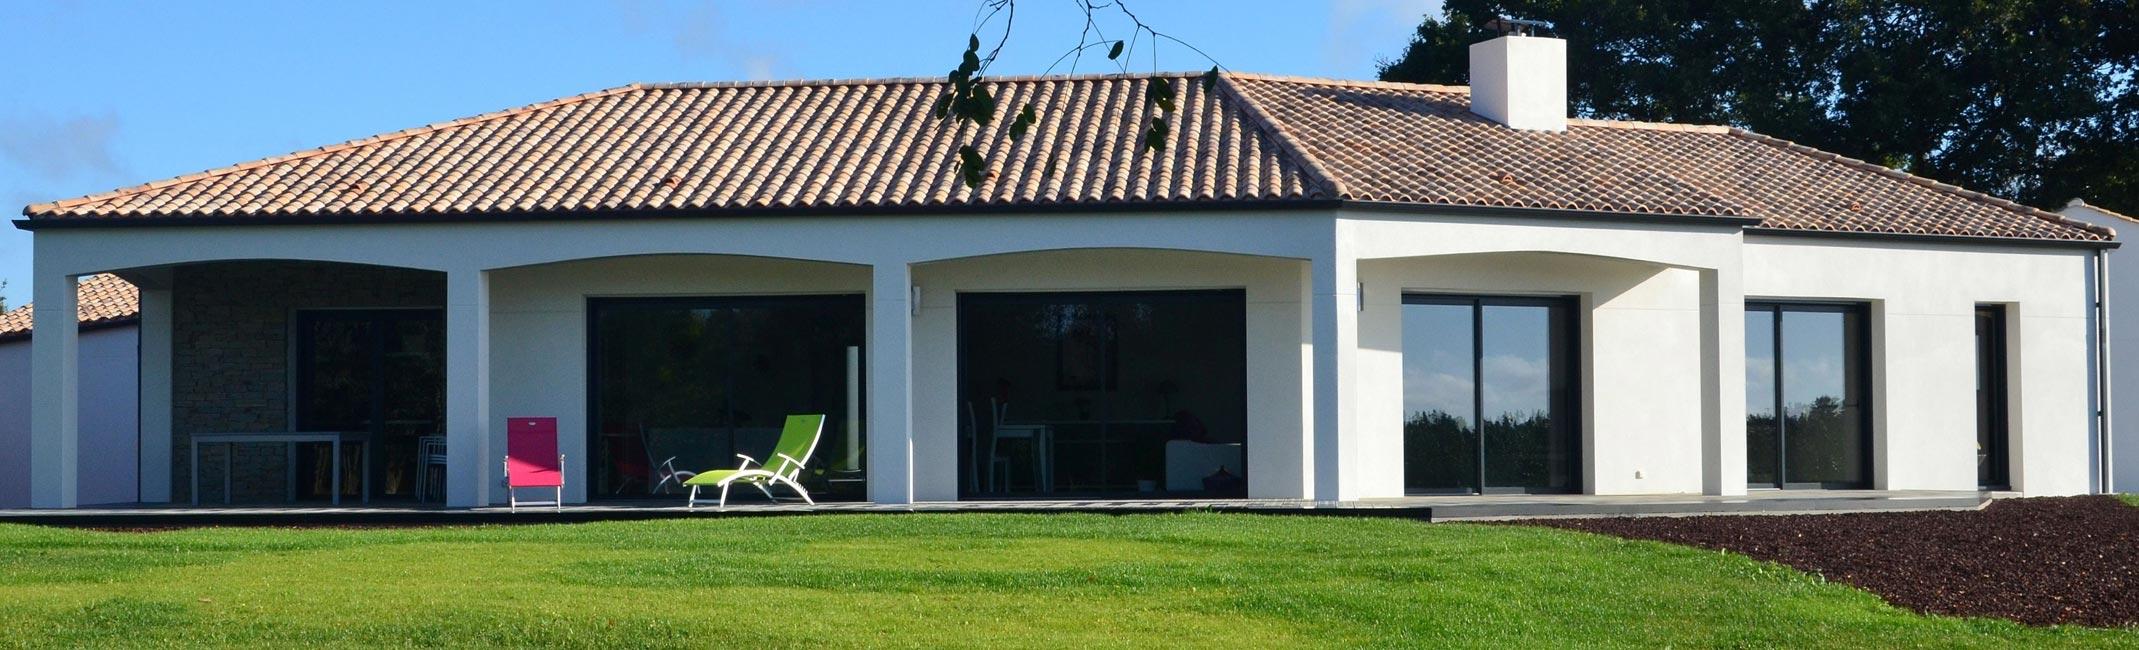 Construire maison contemporaine vend e herbreteau constructeur les sables d olonne vend e for Maison contemporaine vendee